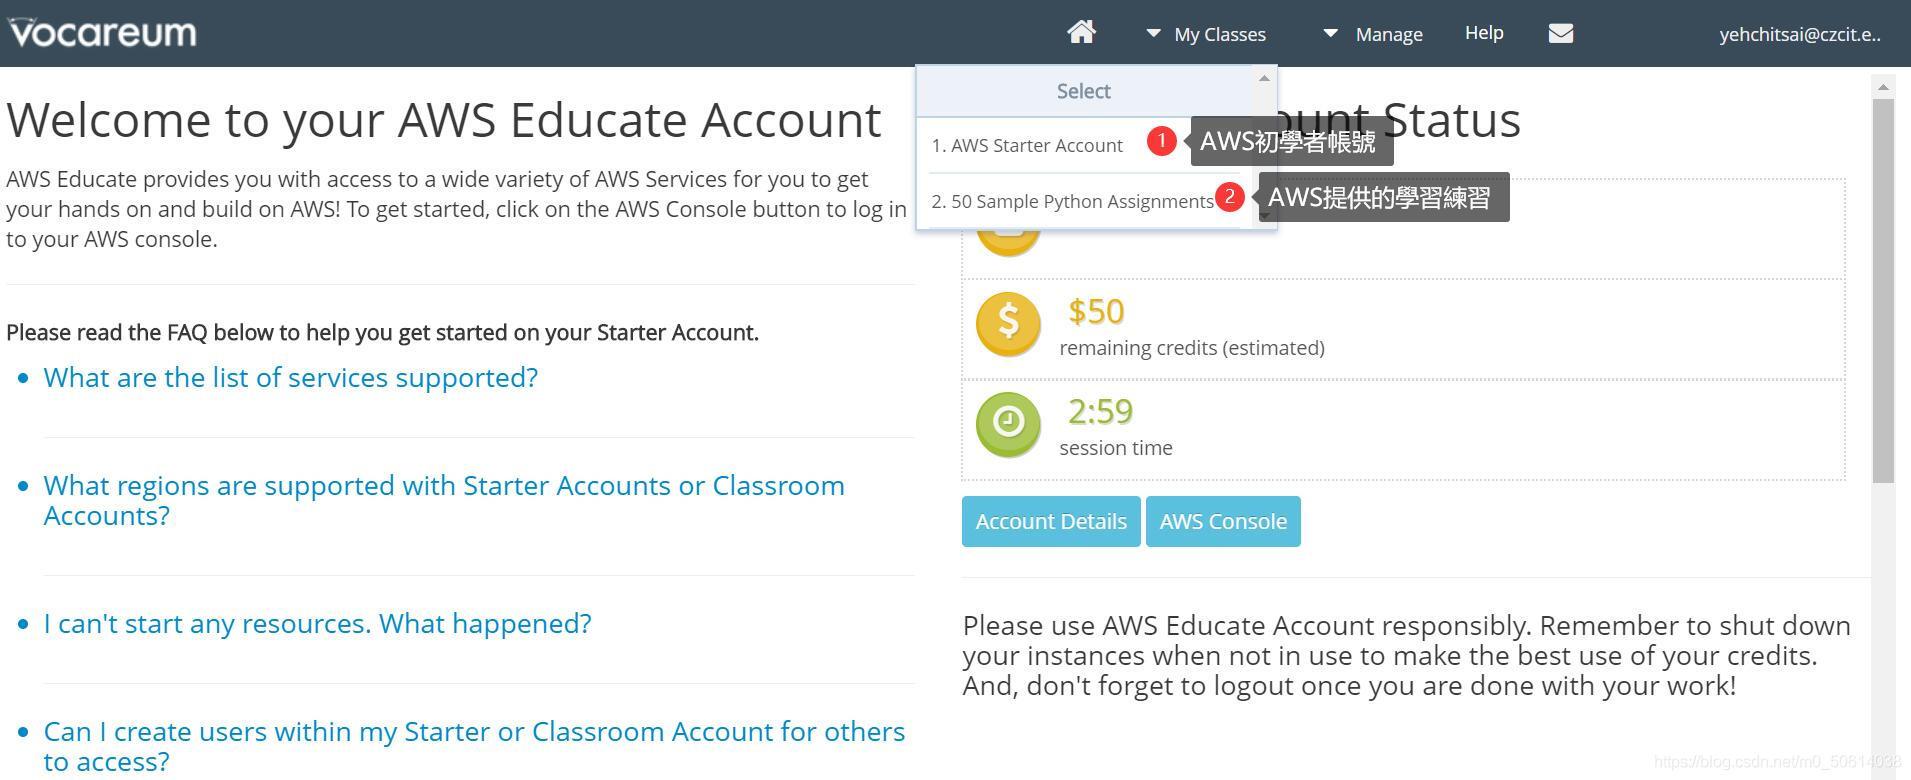 AWS Educate vocareum